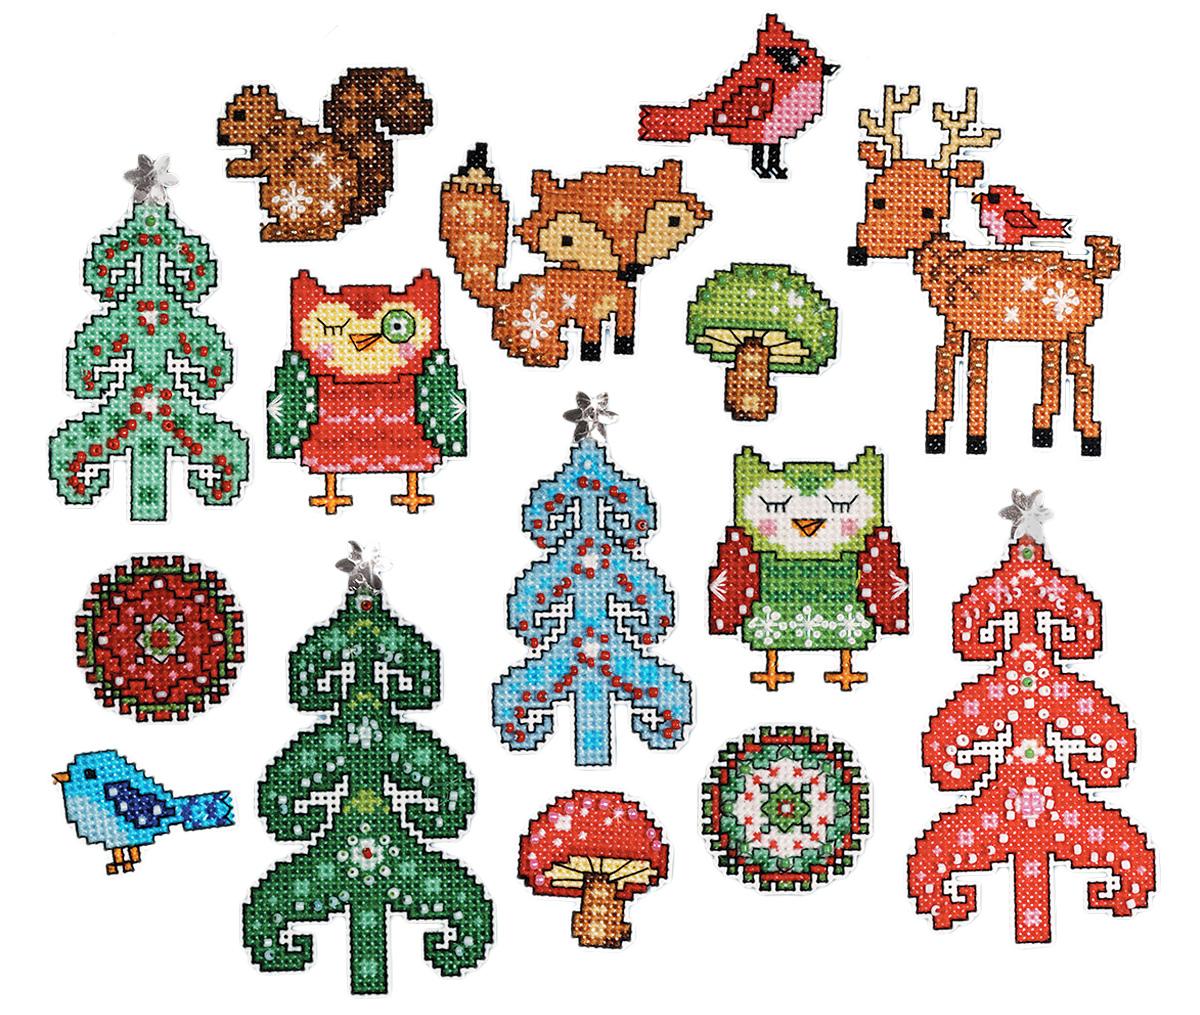 Набор для вышивания крестом Design Works Лесные друзья, 7 х 9 см, 6 шт1694Для 6 игрушек: канва пластиковая 14, нитки мулине (100% хлопок), игла, инструкция на русском языке.